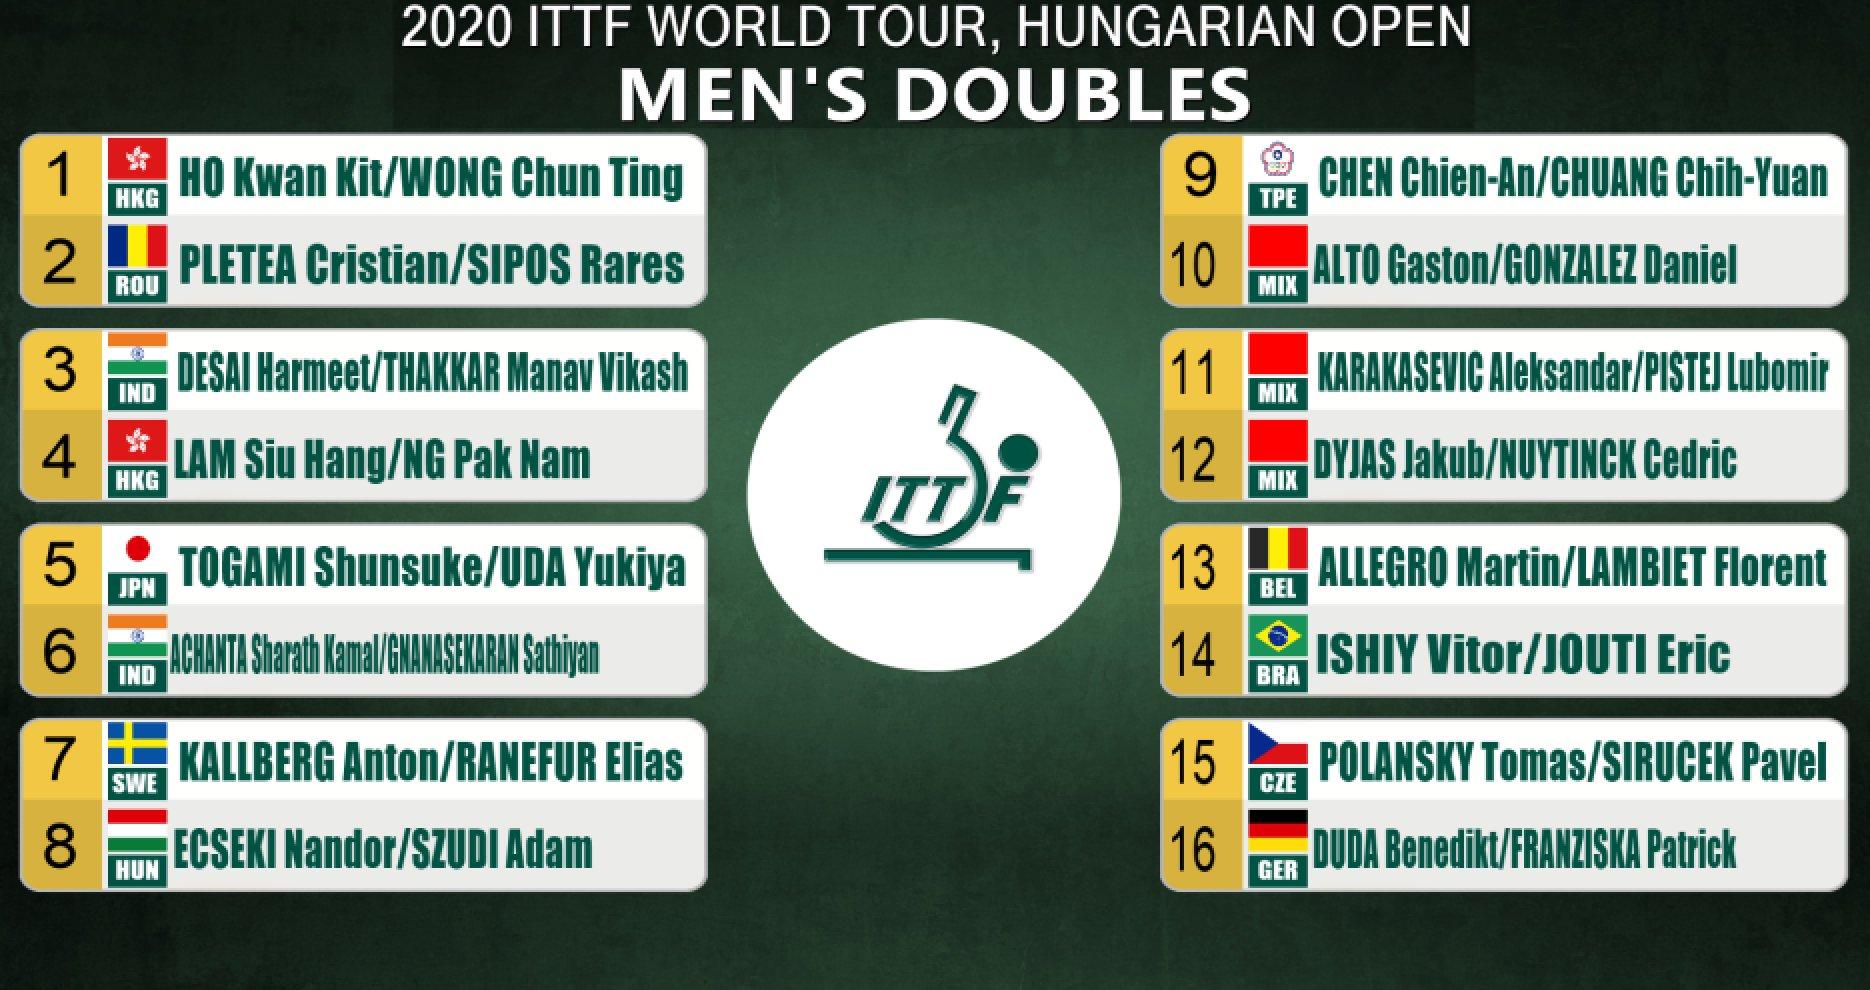 ハンガリーオープン男子ダブルス2